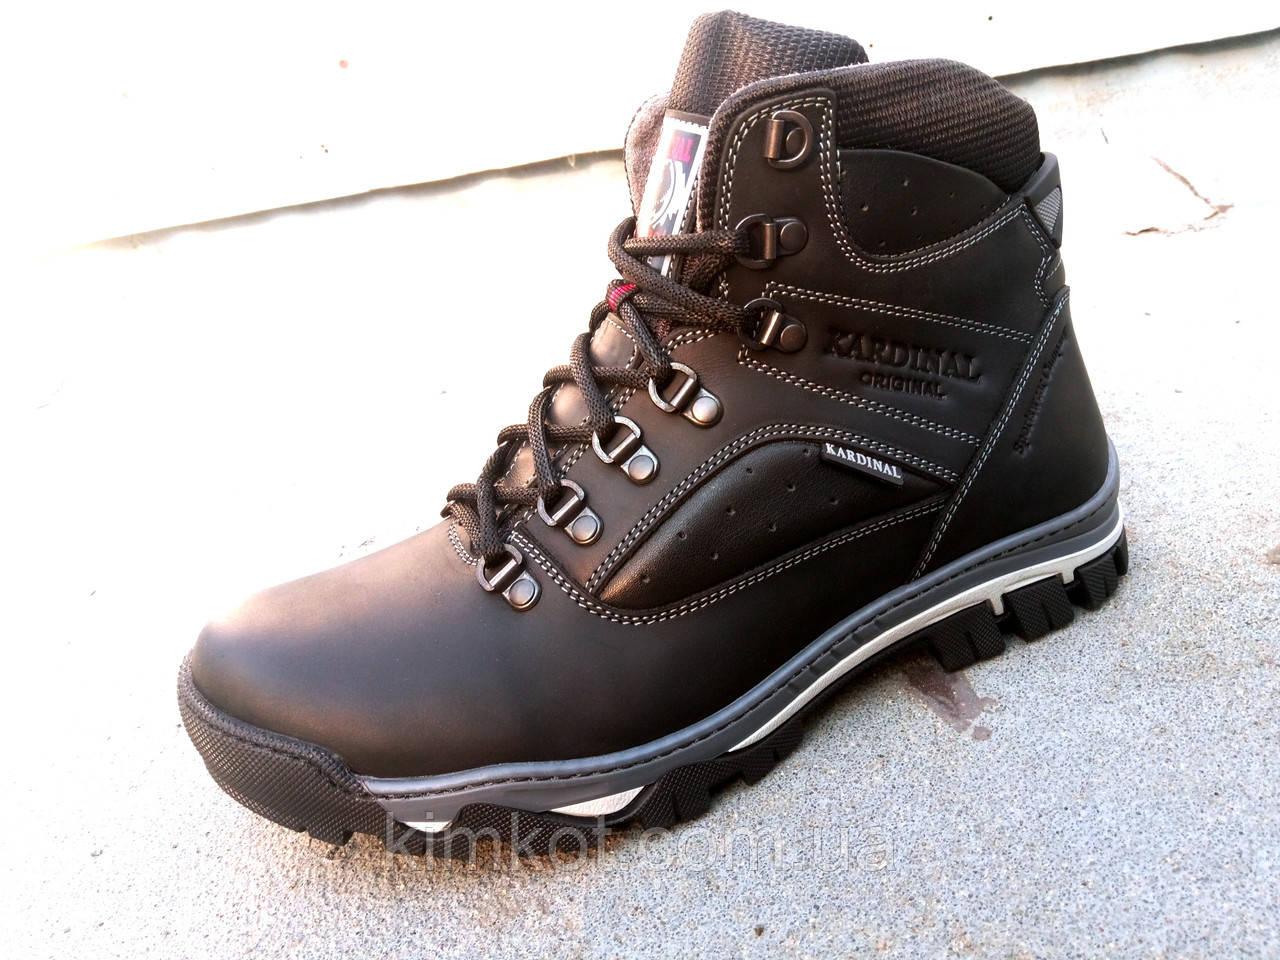 11988ba8f Кожаные мужские зимние ботинки KARDINAL 40-45 р-р: продажа, цена в ...